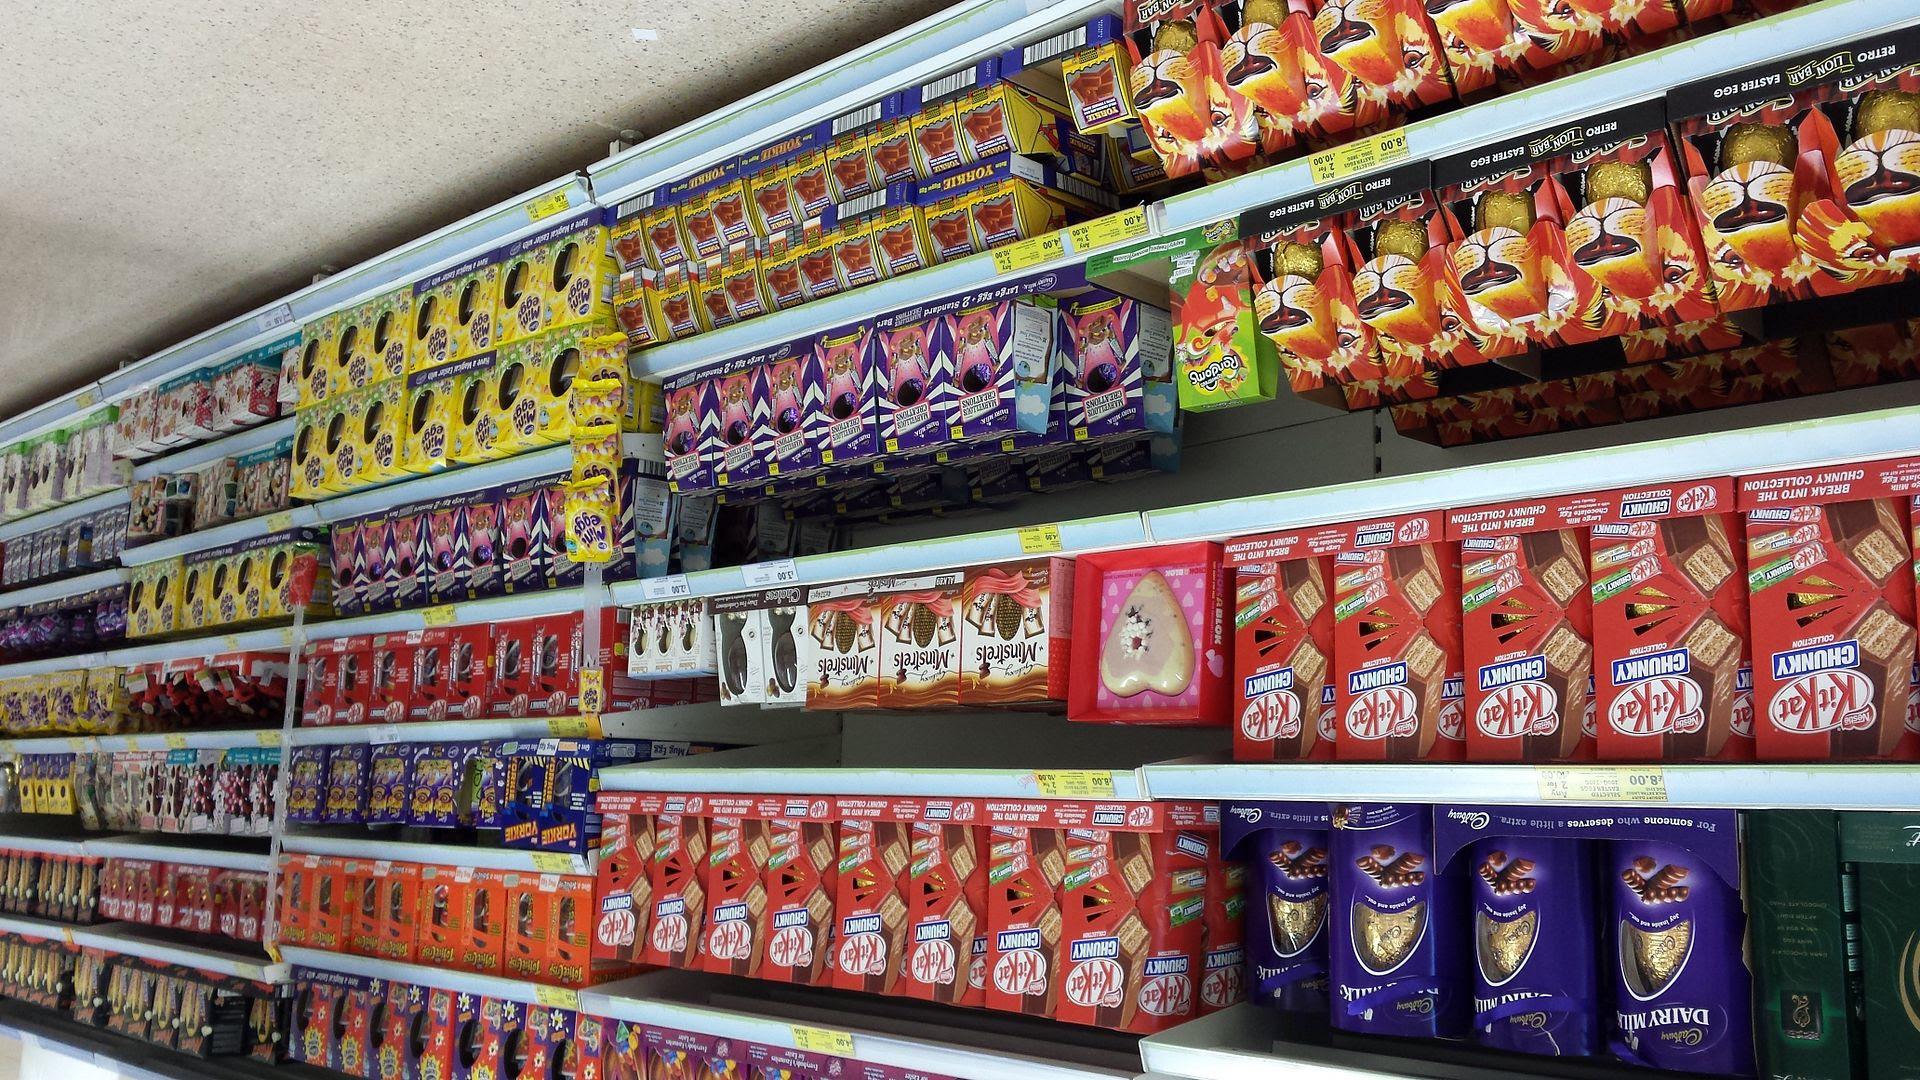 photo Easter-eggs-on-supermarket-shelves-2_zpso26h9miy.jpg